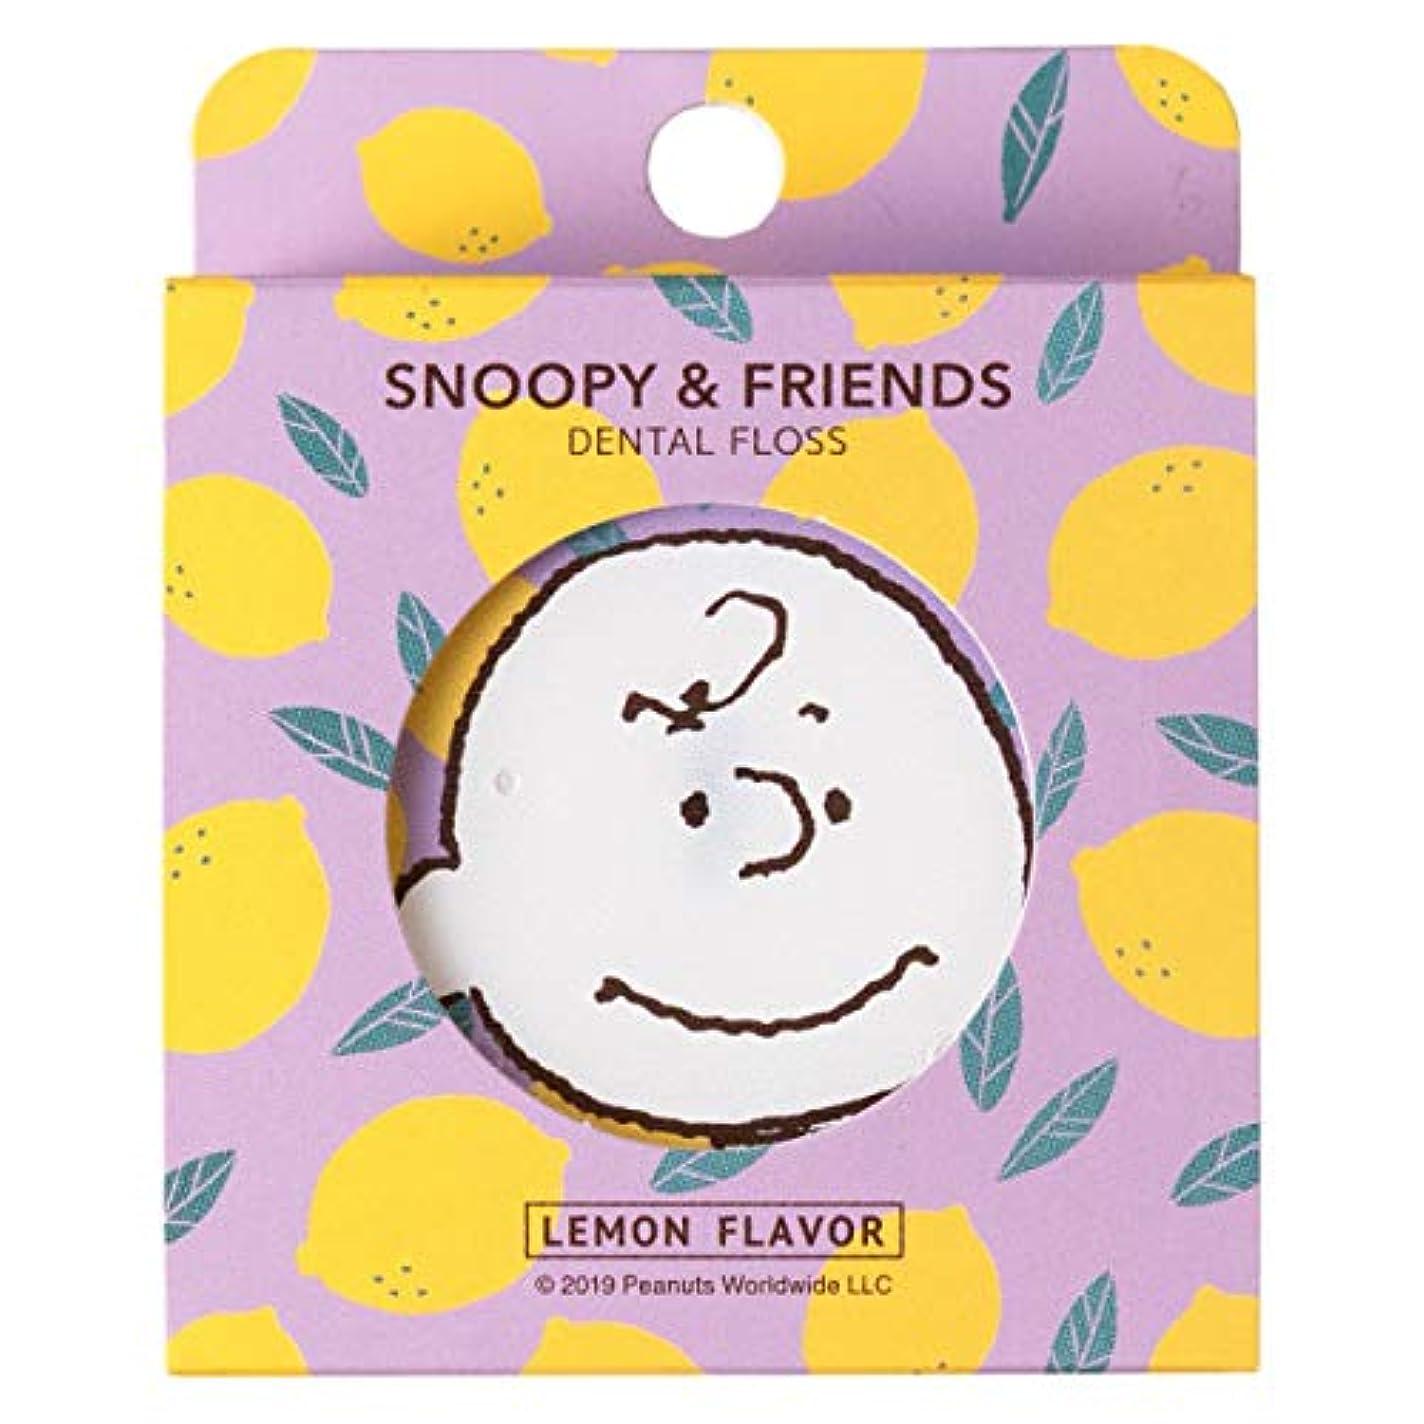 協同借りている芽FINE(ファイン) スヌーピー&フレンズ デンタルフロス 約3ヶ月分 レモンの香り 50m